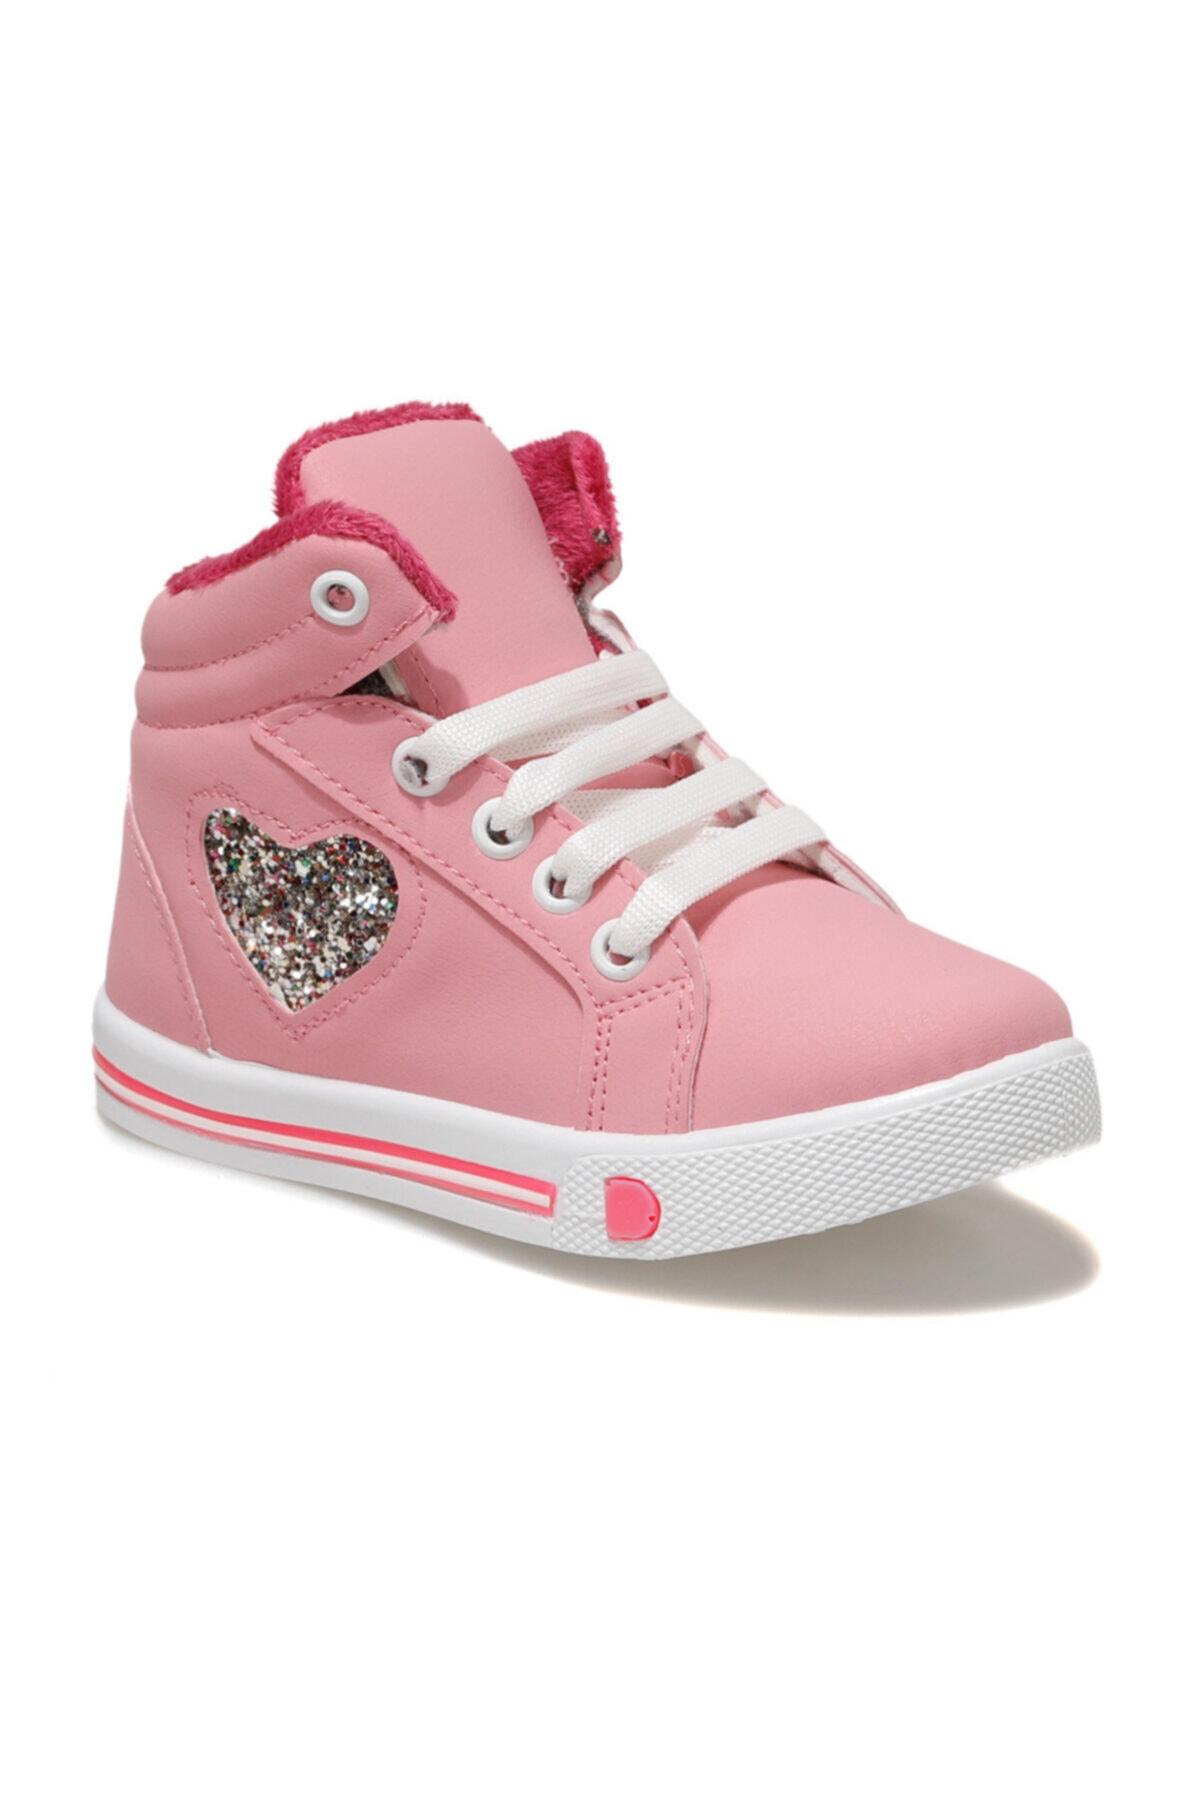 92.510832.P Pembe Kız Çocuk Sneaker Ayakkabı 100422795